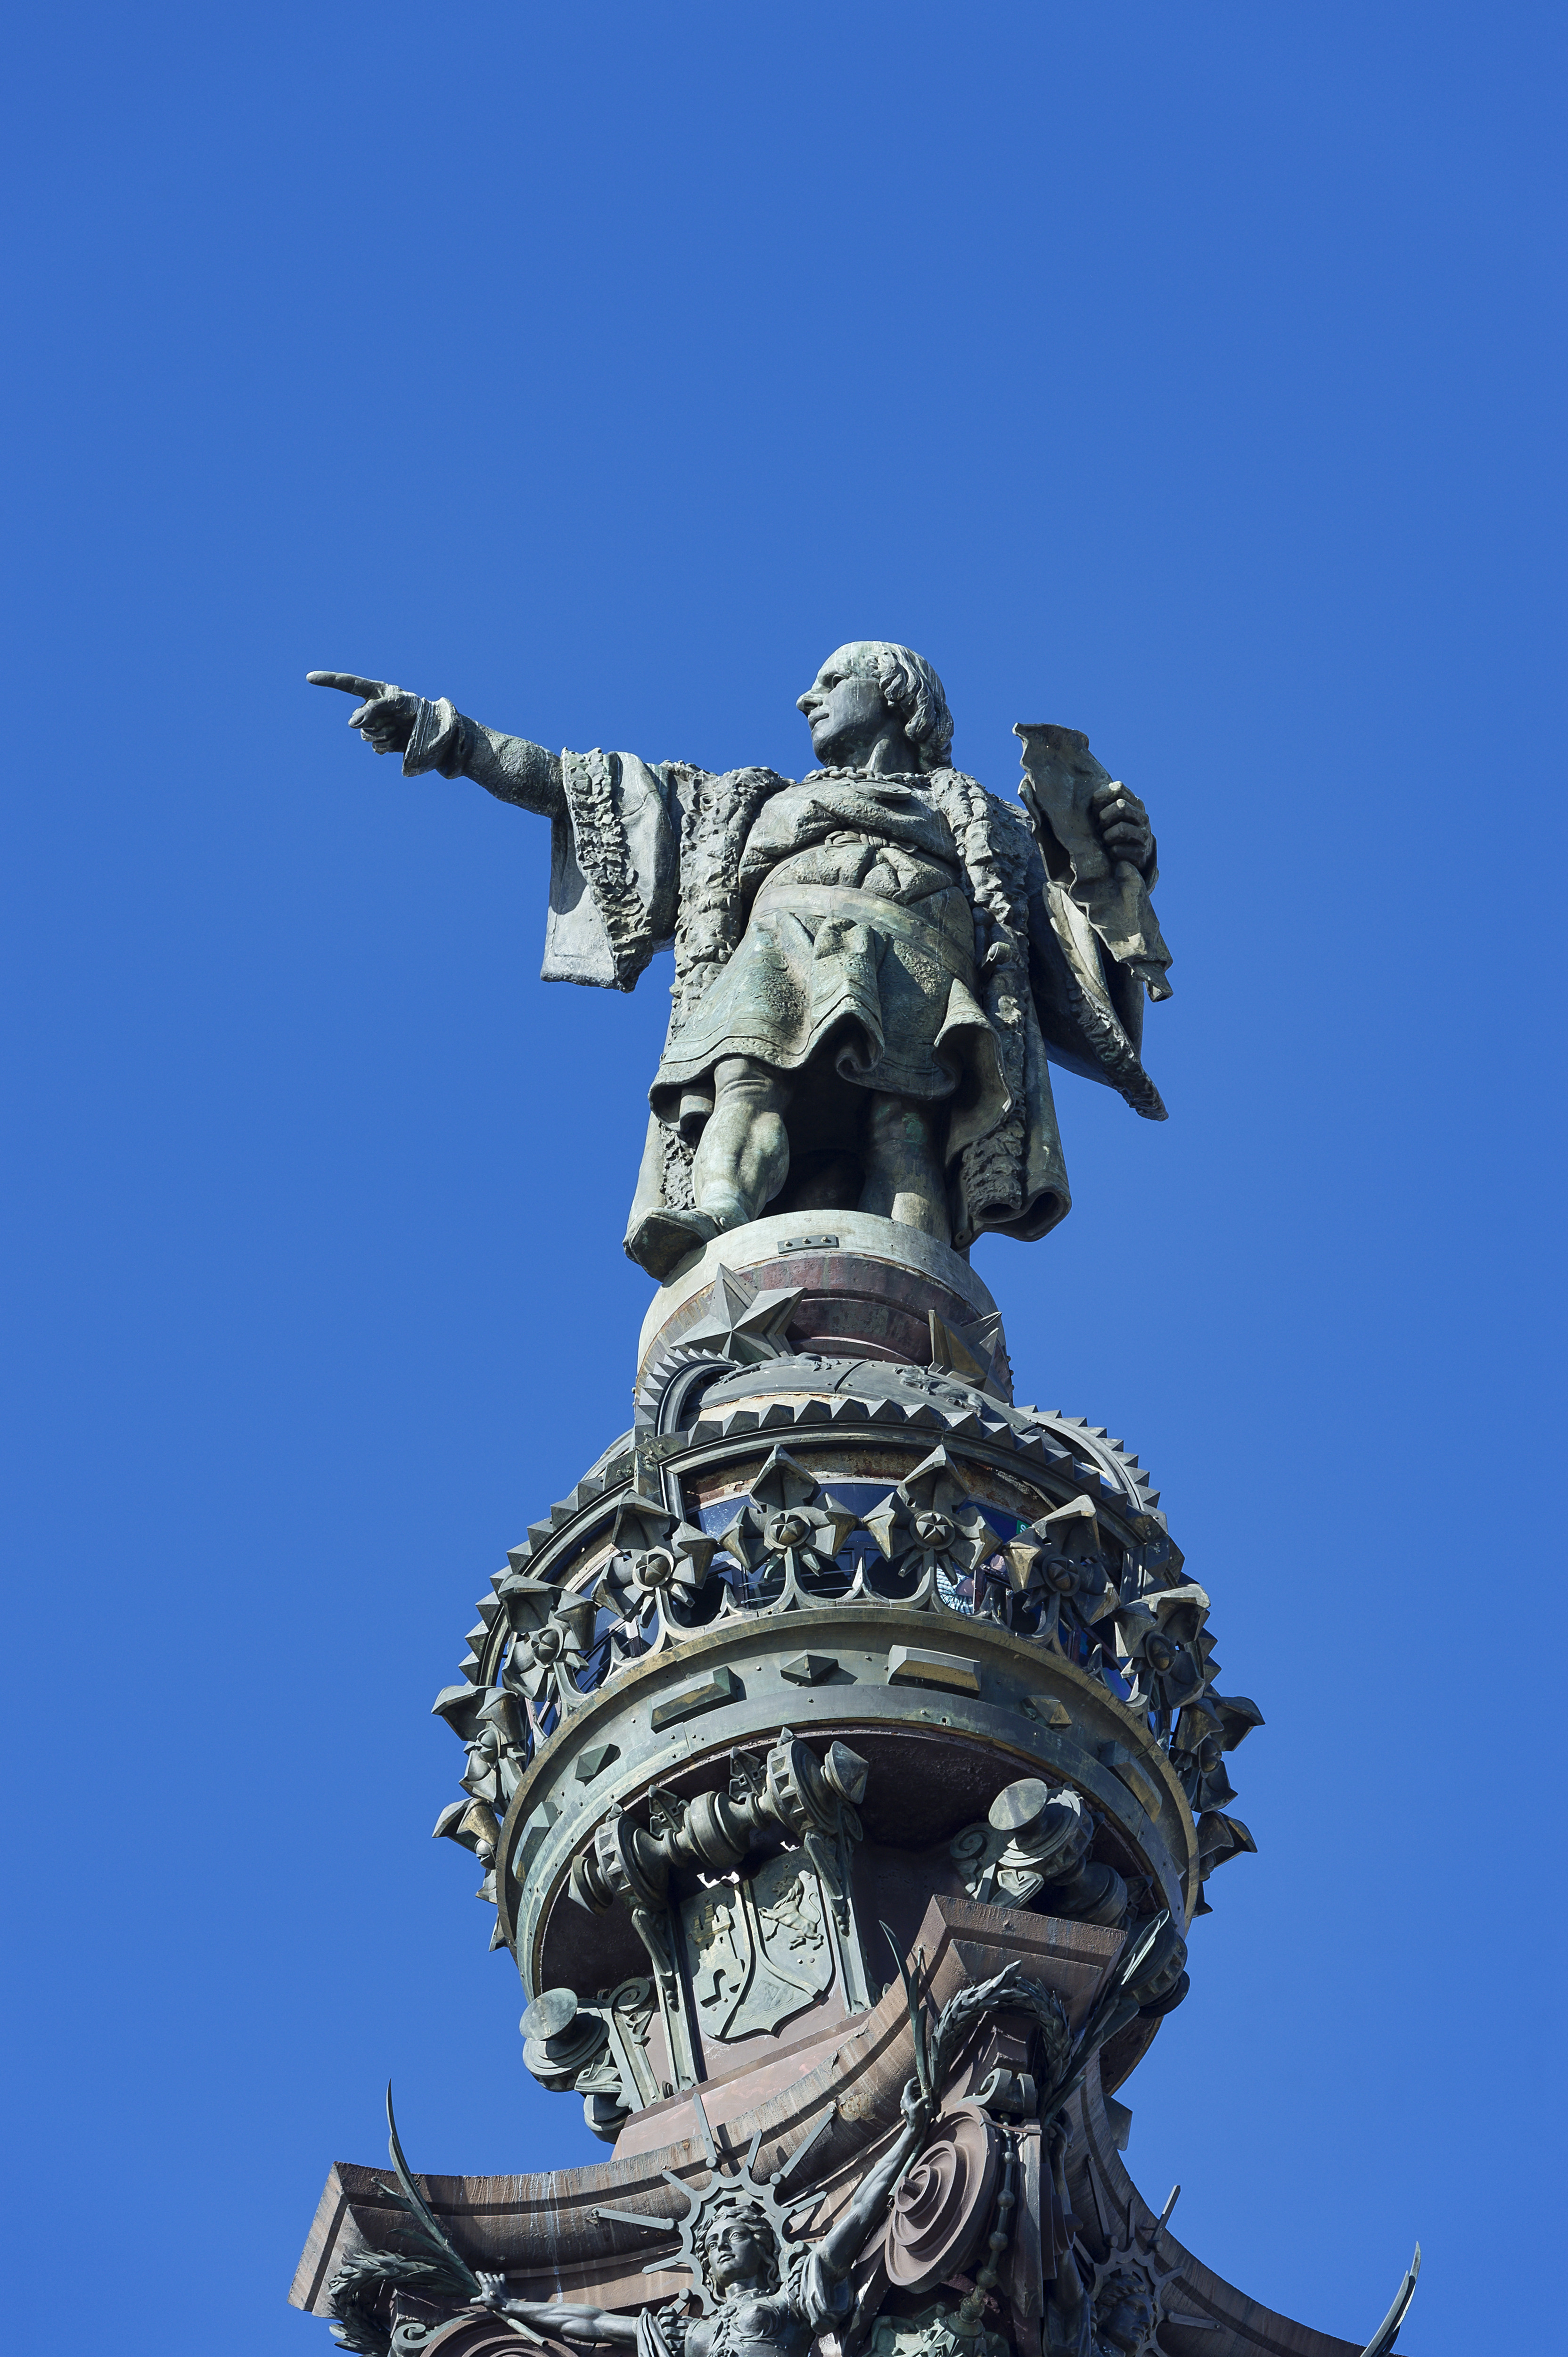 The Columbus Monument in Barcelona, Nov. 8, 2013.